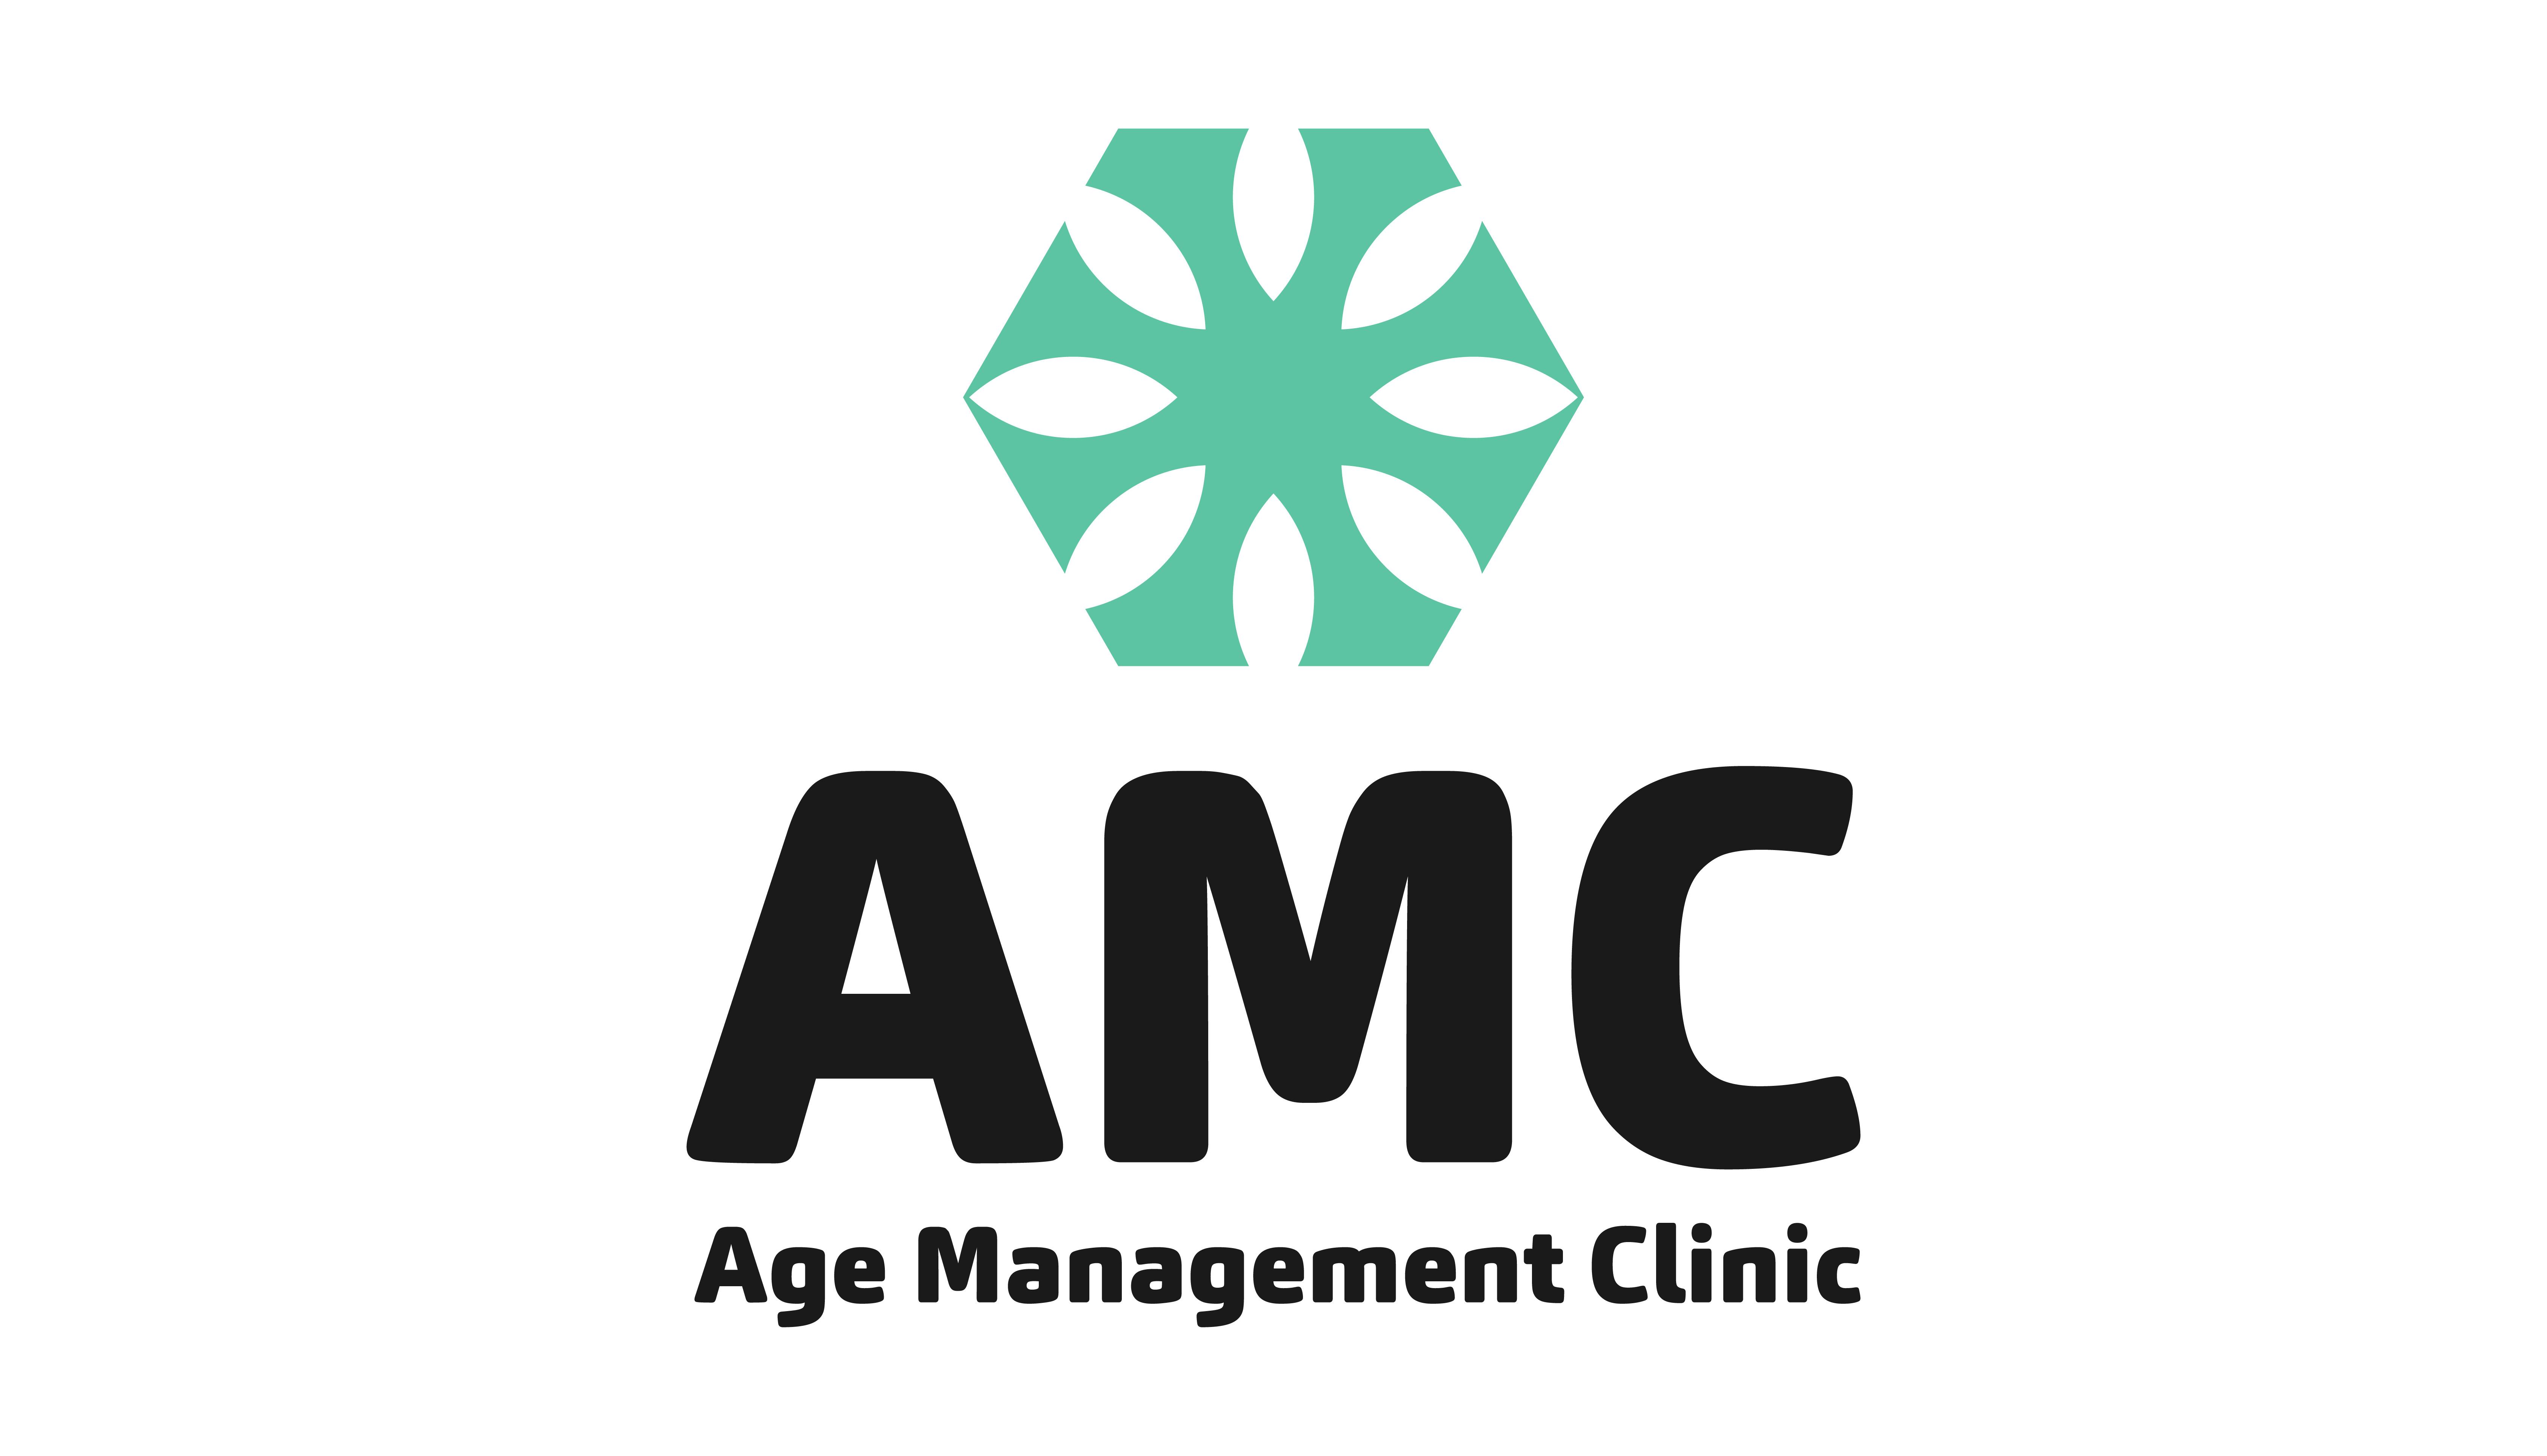 Логотип для медицинского центра (клиники)  фото f_0295b97ffaf328f7.jpg